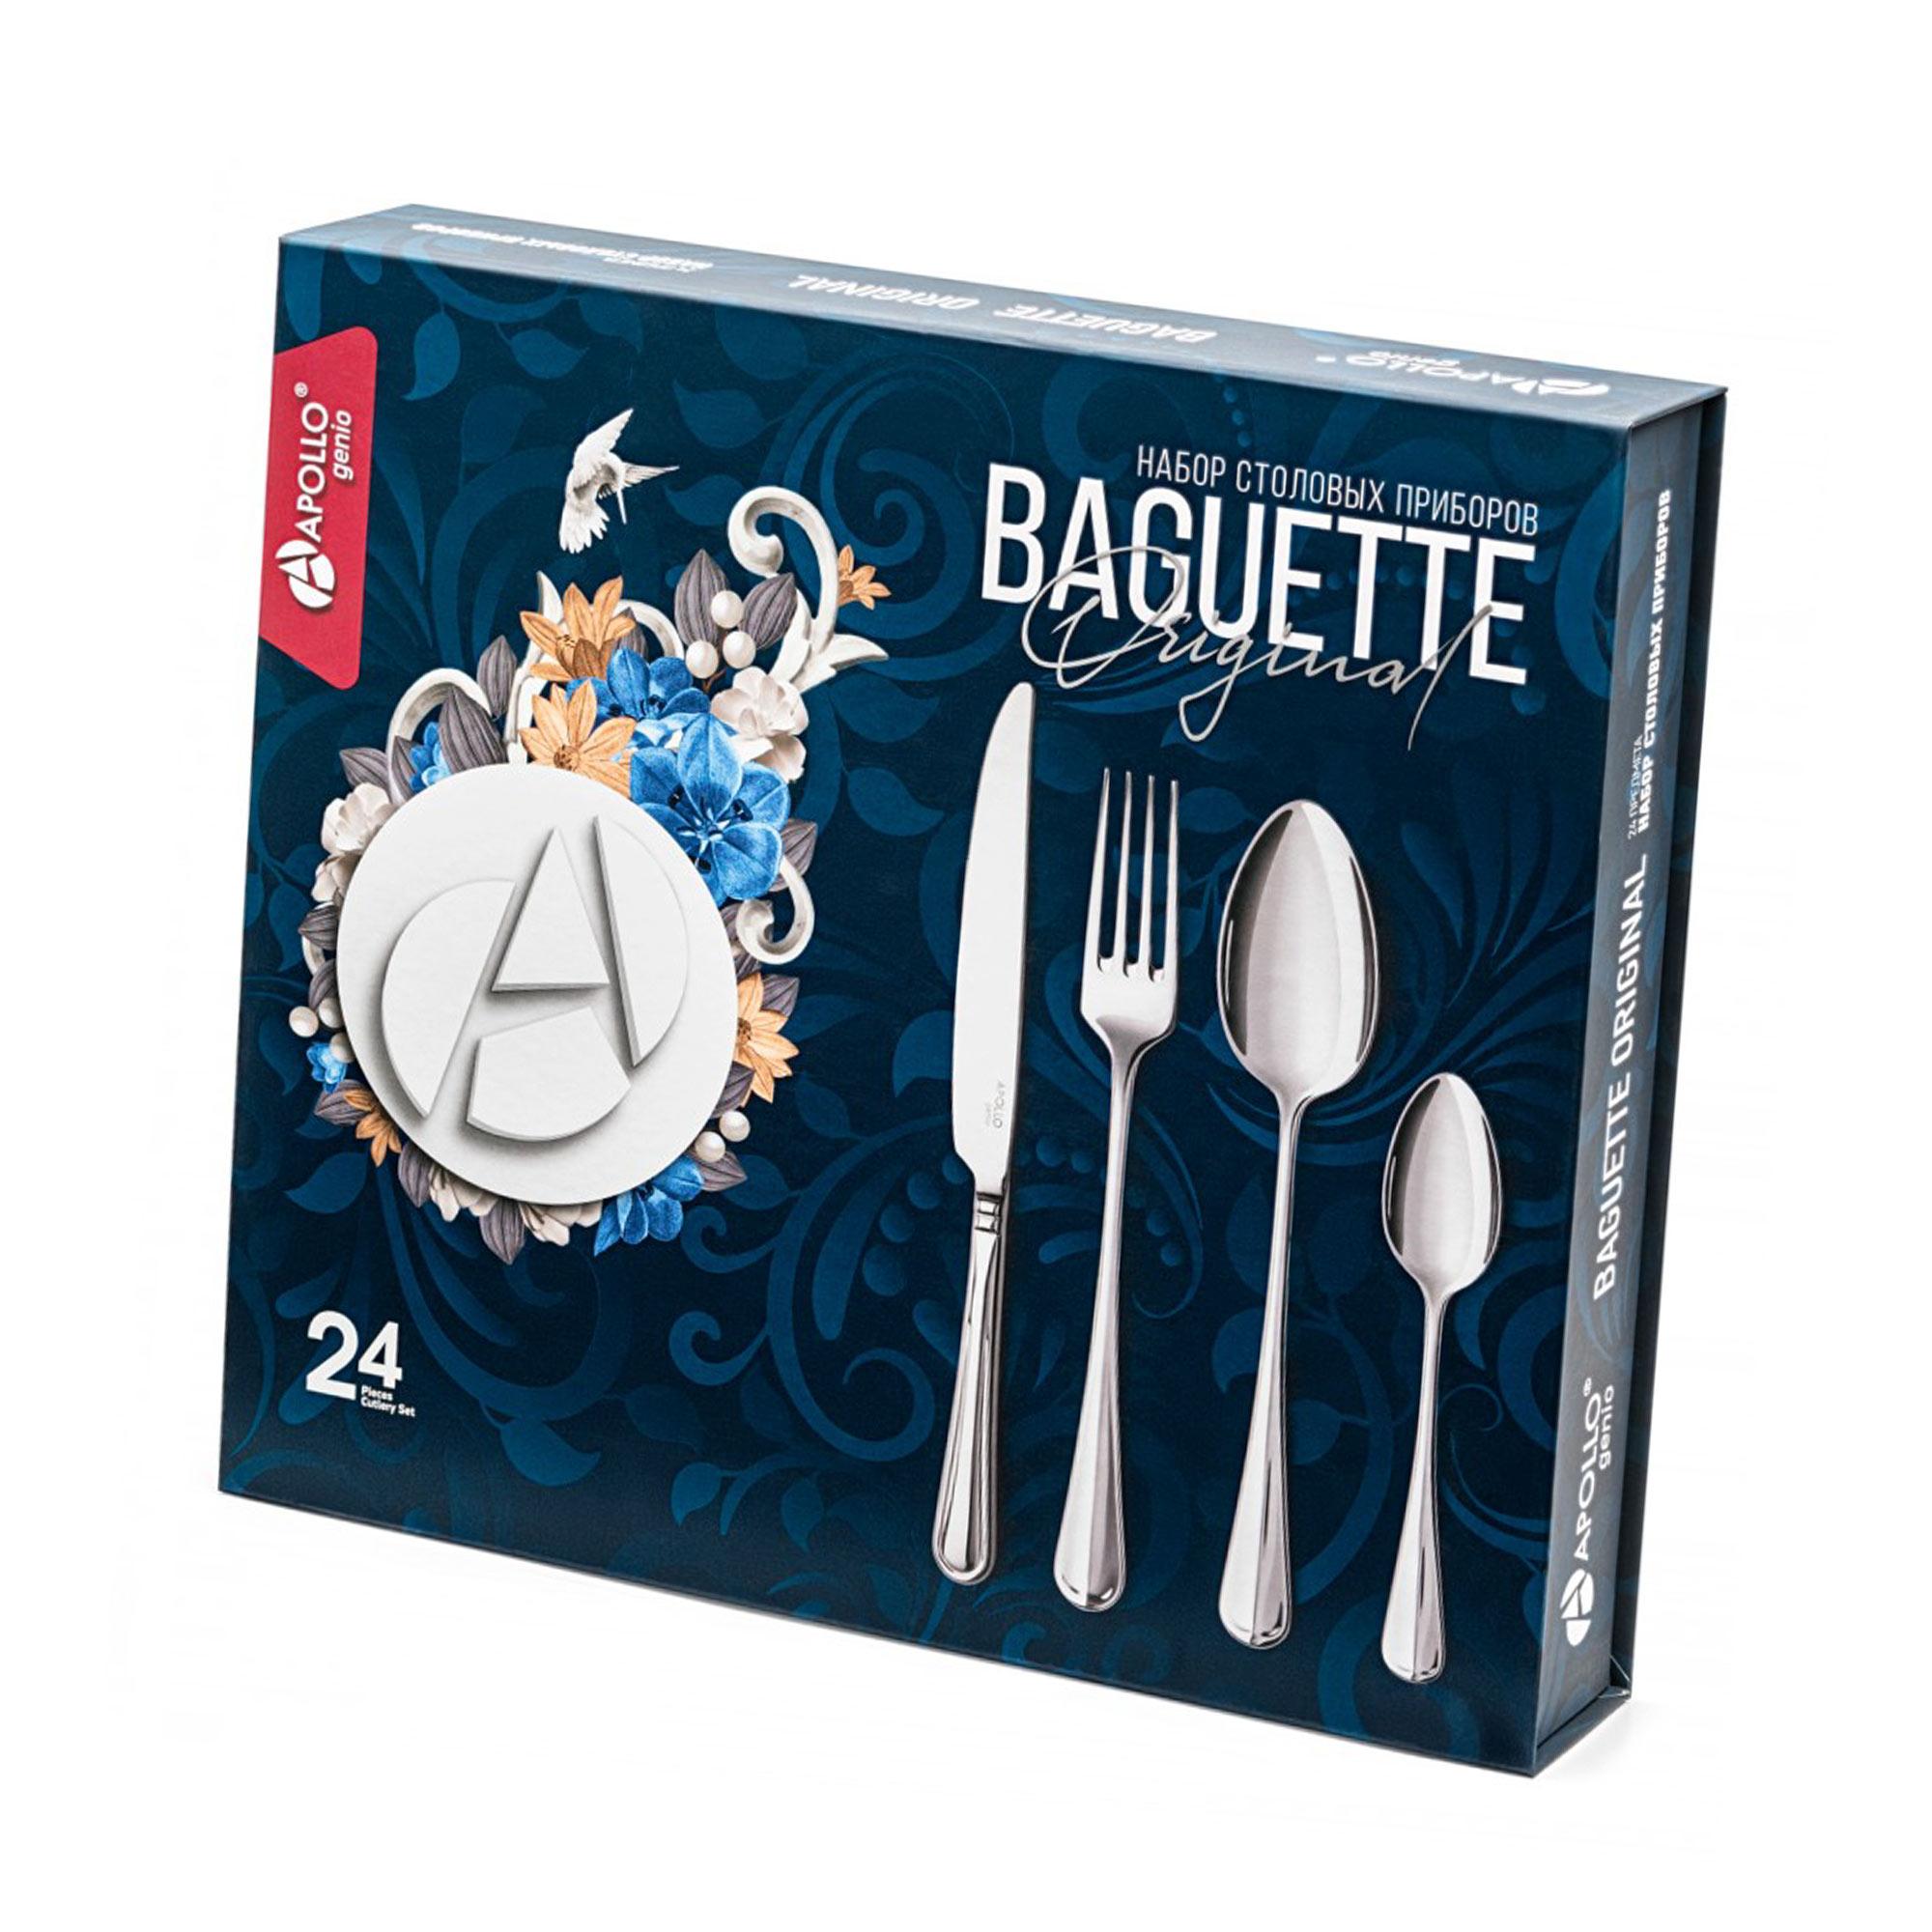 Набор столовых приборов Apollo Baguette Original 24 предмета